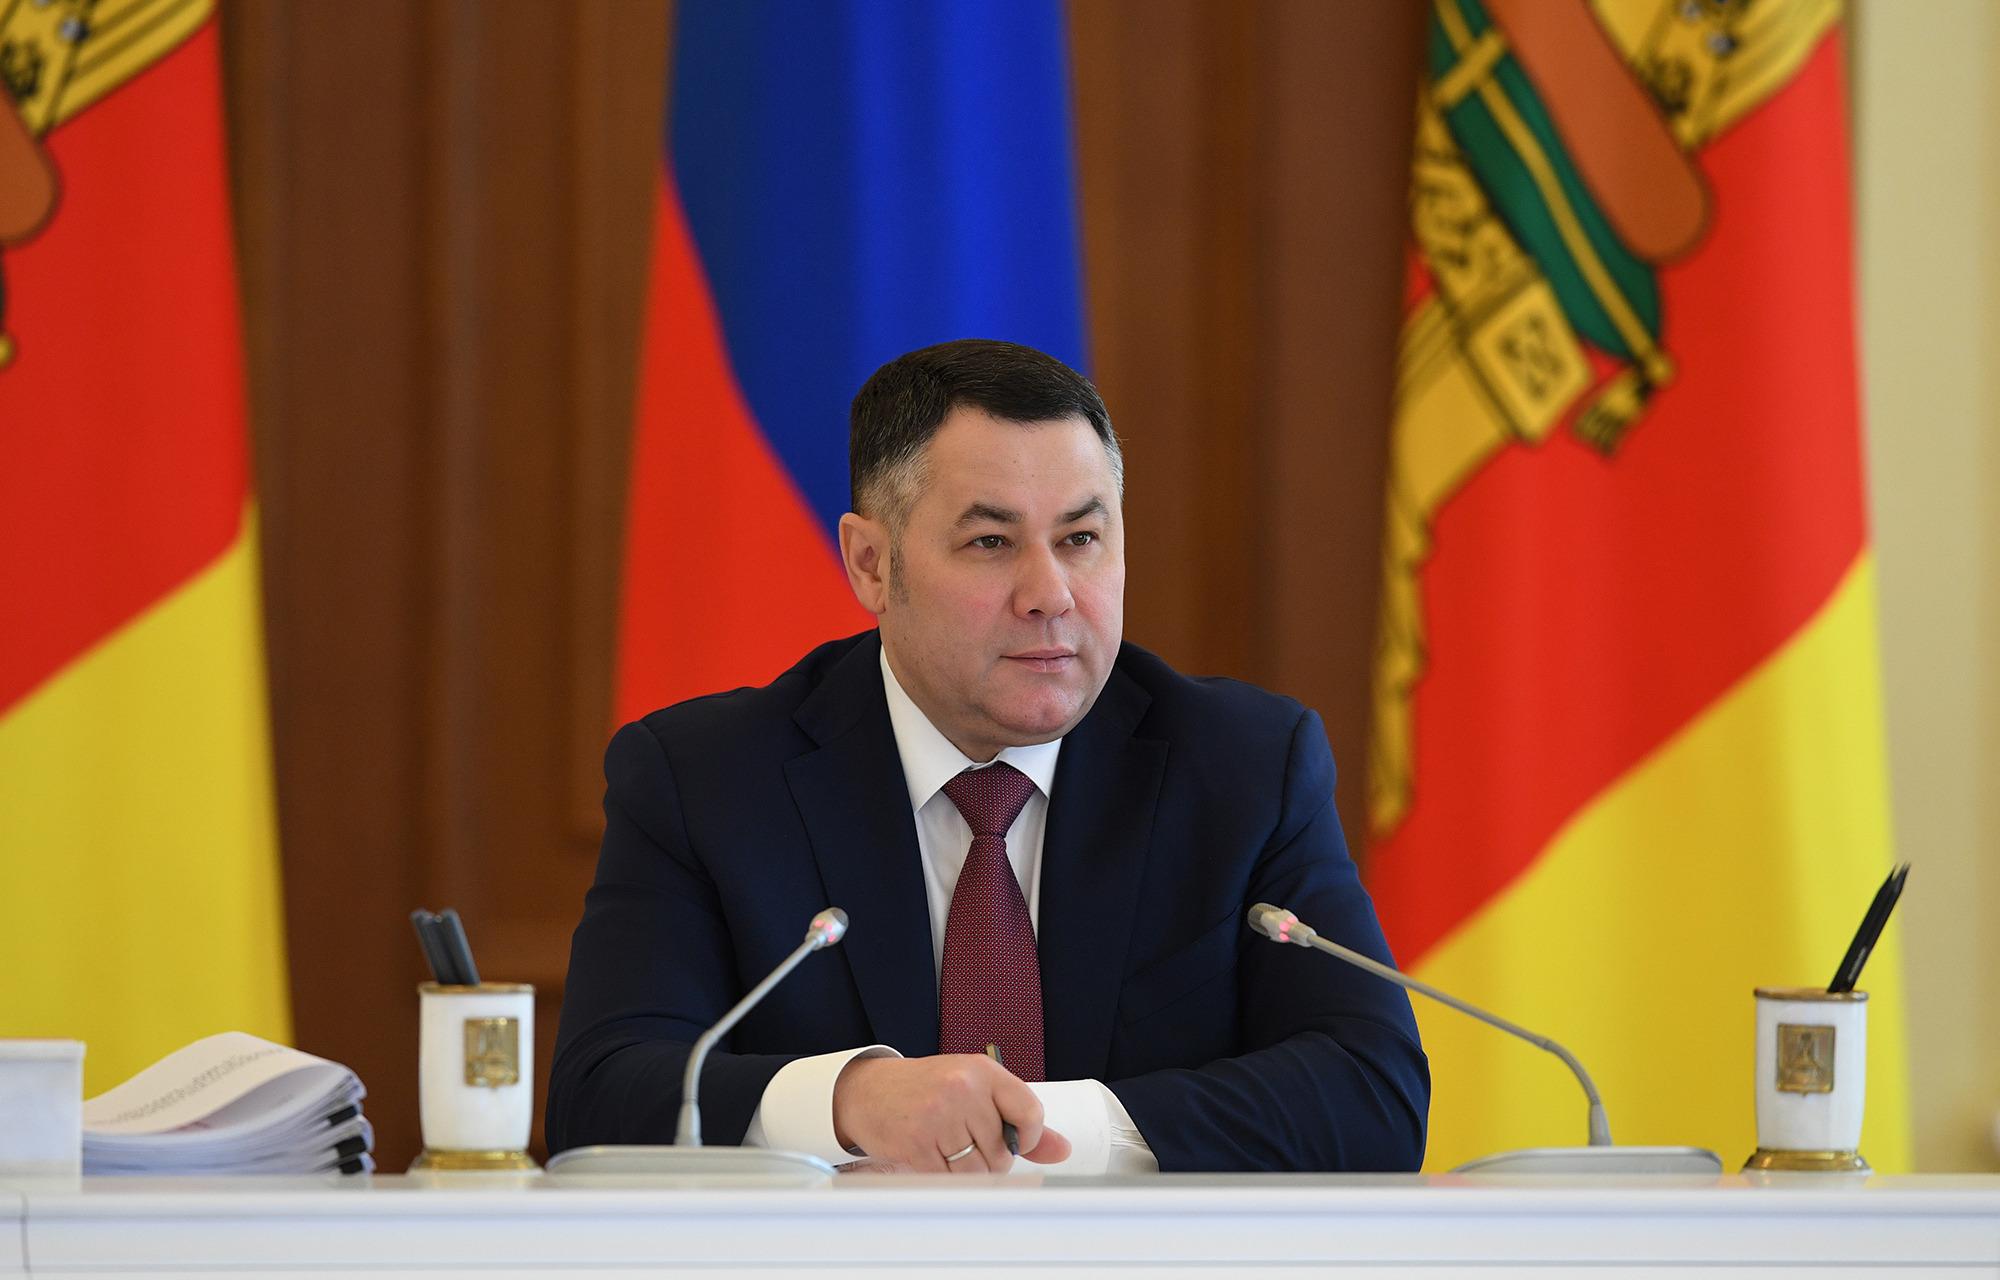 К 2023 году турпоток в Тверскую область планируют увеличить до 3,2 миллиона человек